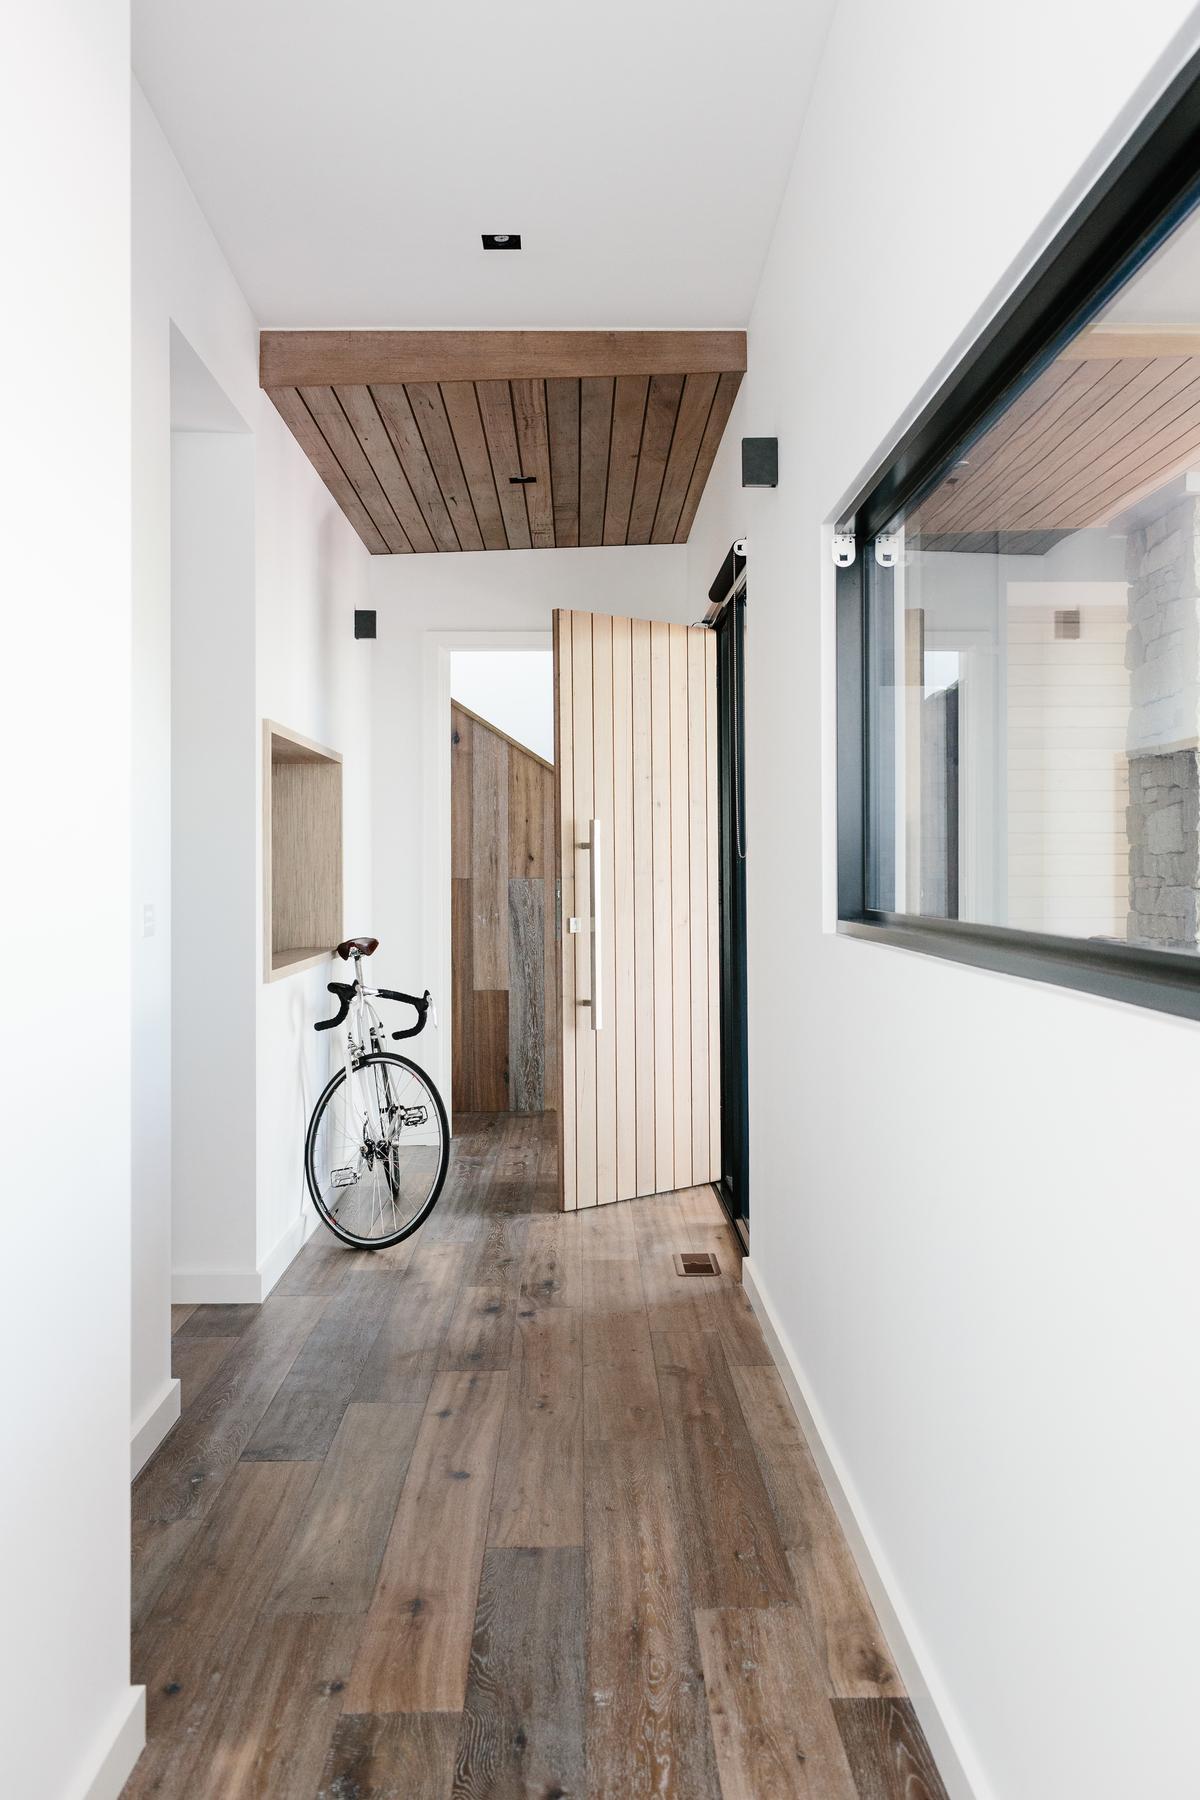 Capel Sound, Altereco Design, The Local Project, Australian Architecture and Design (27)